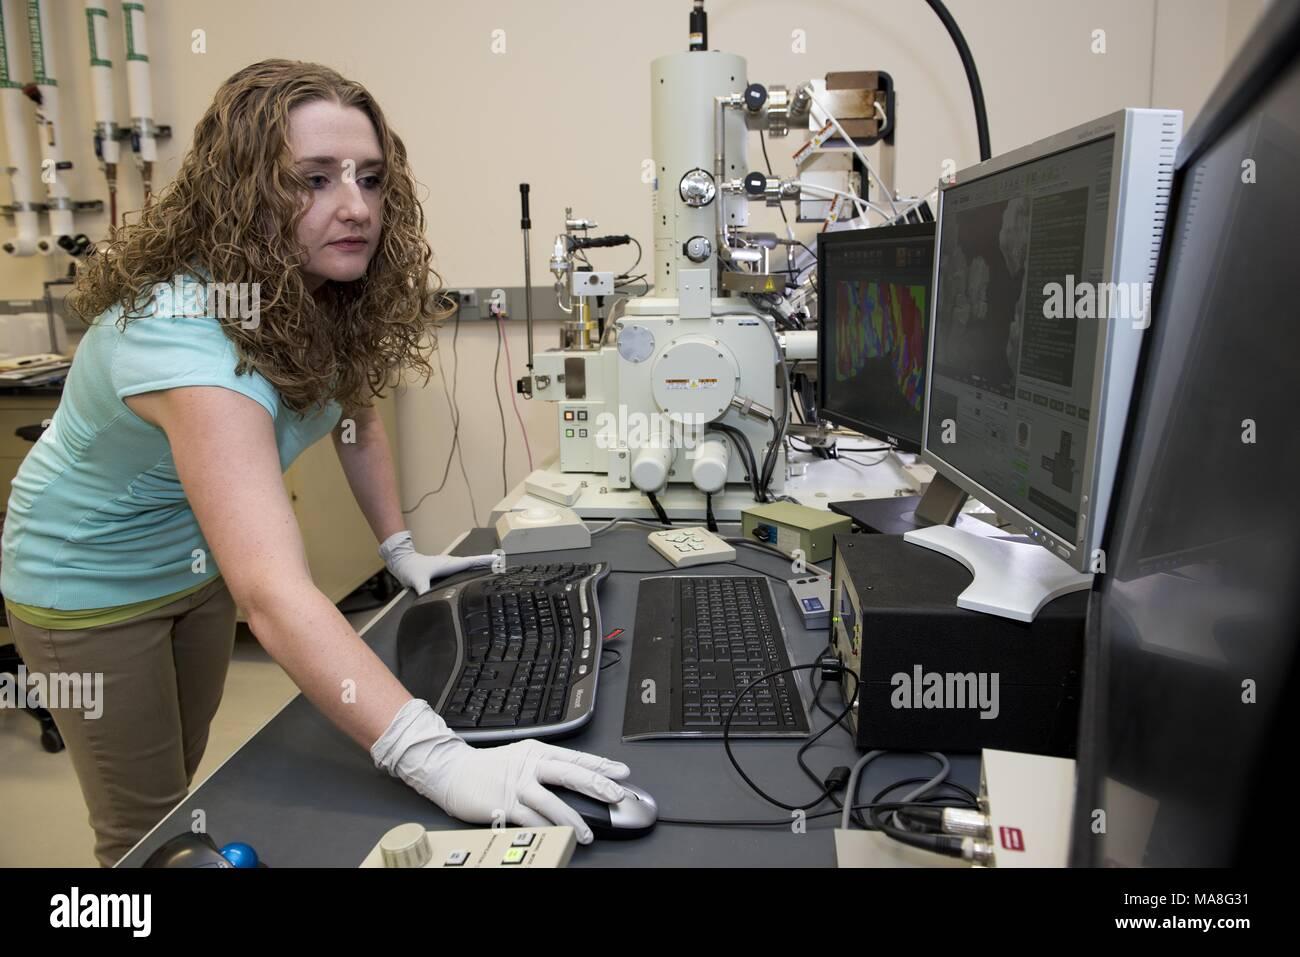 Ricercatore femmina utilizza un microscopio elettronico a scansione (SEM) per eseguire ad alta risoluzione, la microscopia elettronica studi di materiali strutturali, in un laboratorio situato in Pacific Northwest National Laboratory (PNNL) situato in Richland, Washington, Immagine cortesia del Dipartimento dell'energia degli Stati Uniti, 15 novembre 2016. () Immagini Stock